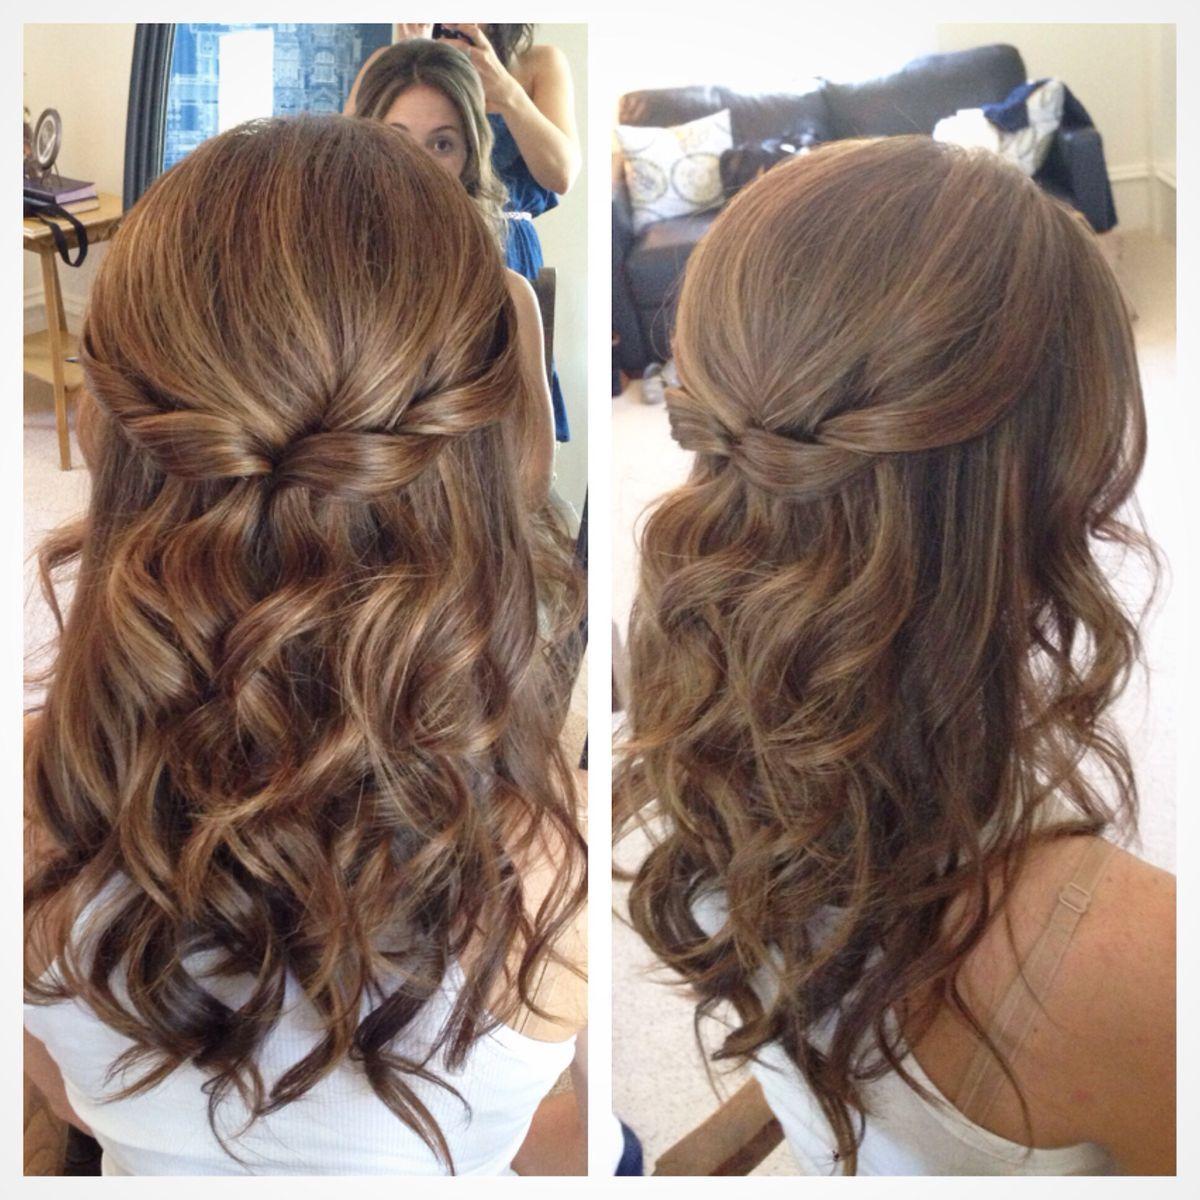 Simple Wedding Hairstyles Best Photos Cute Hairstyles